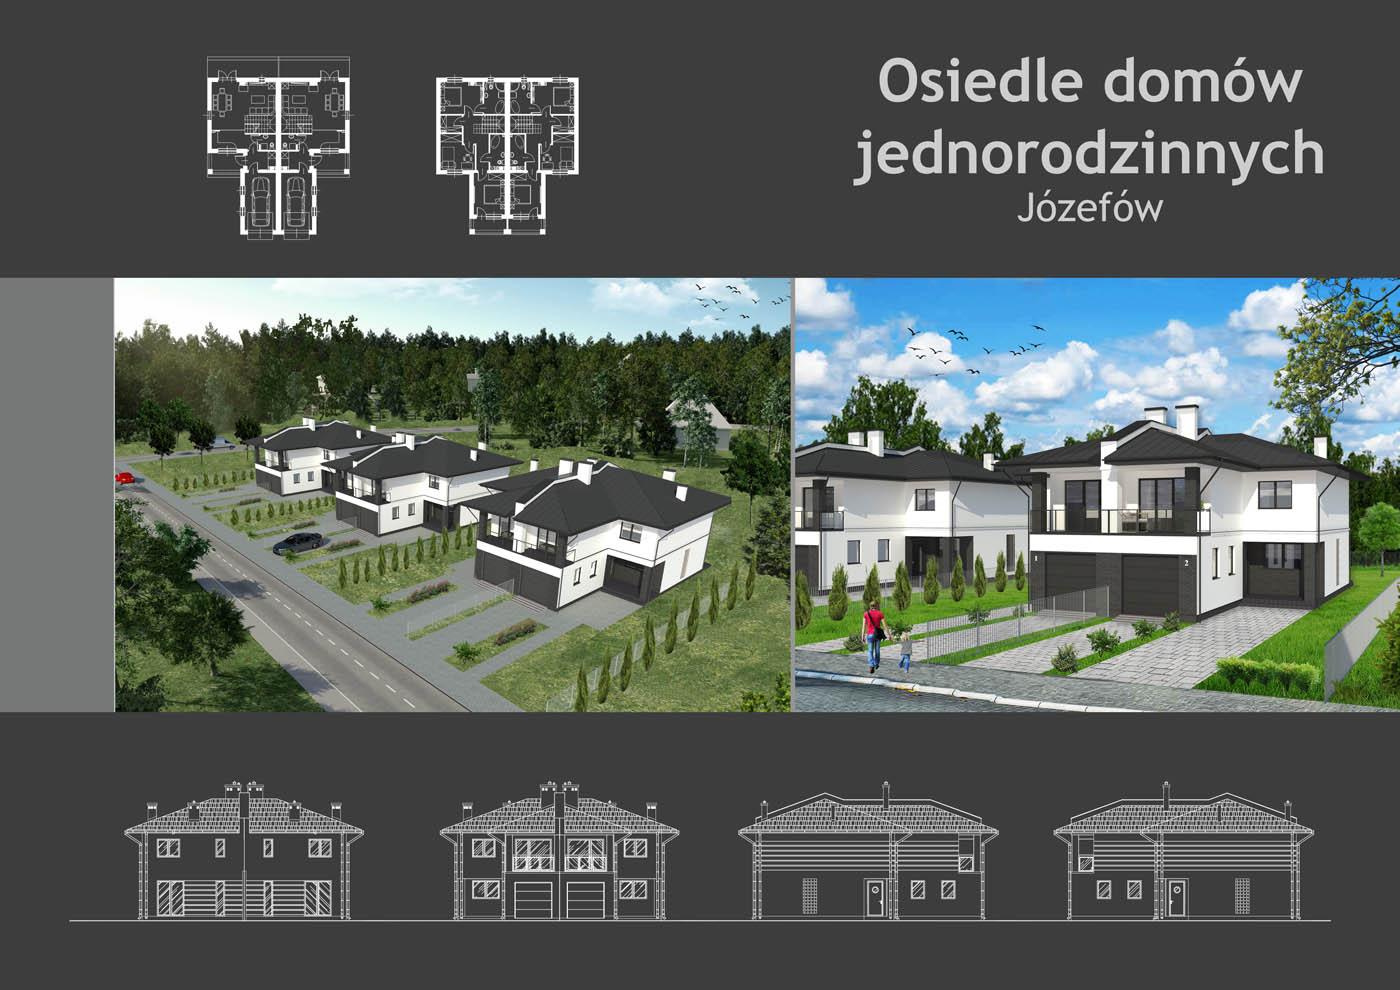 Osiedle domów jednorodzinnych Józefów